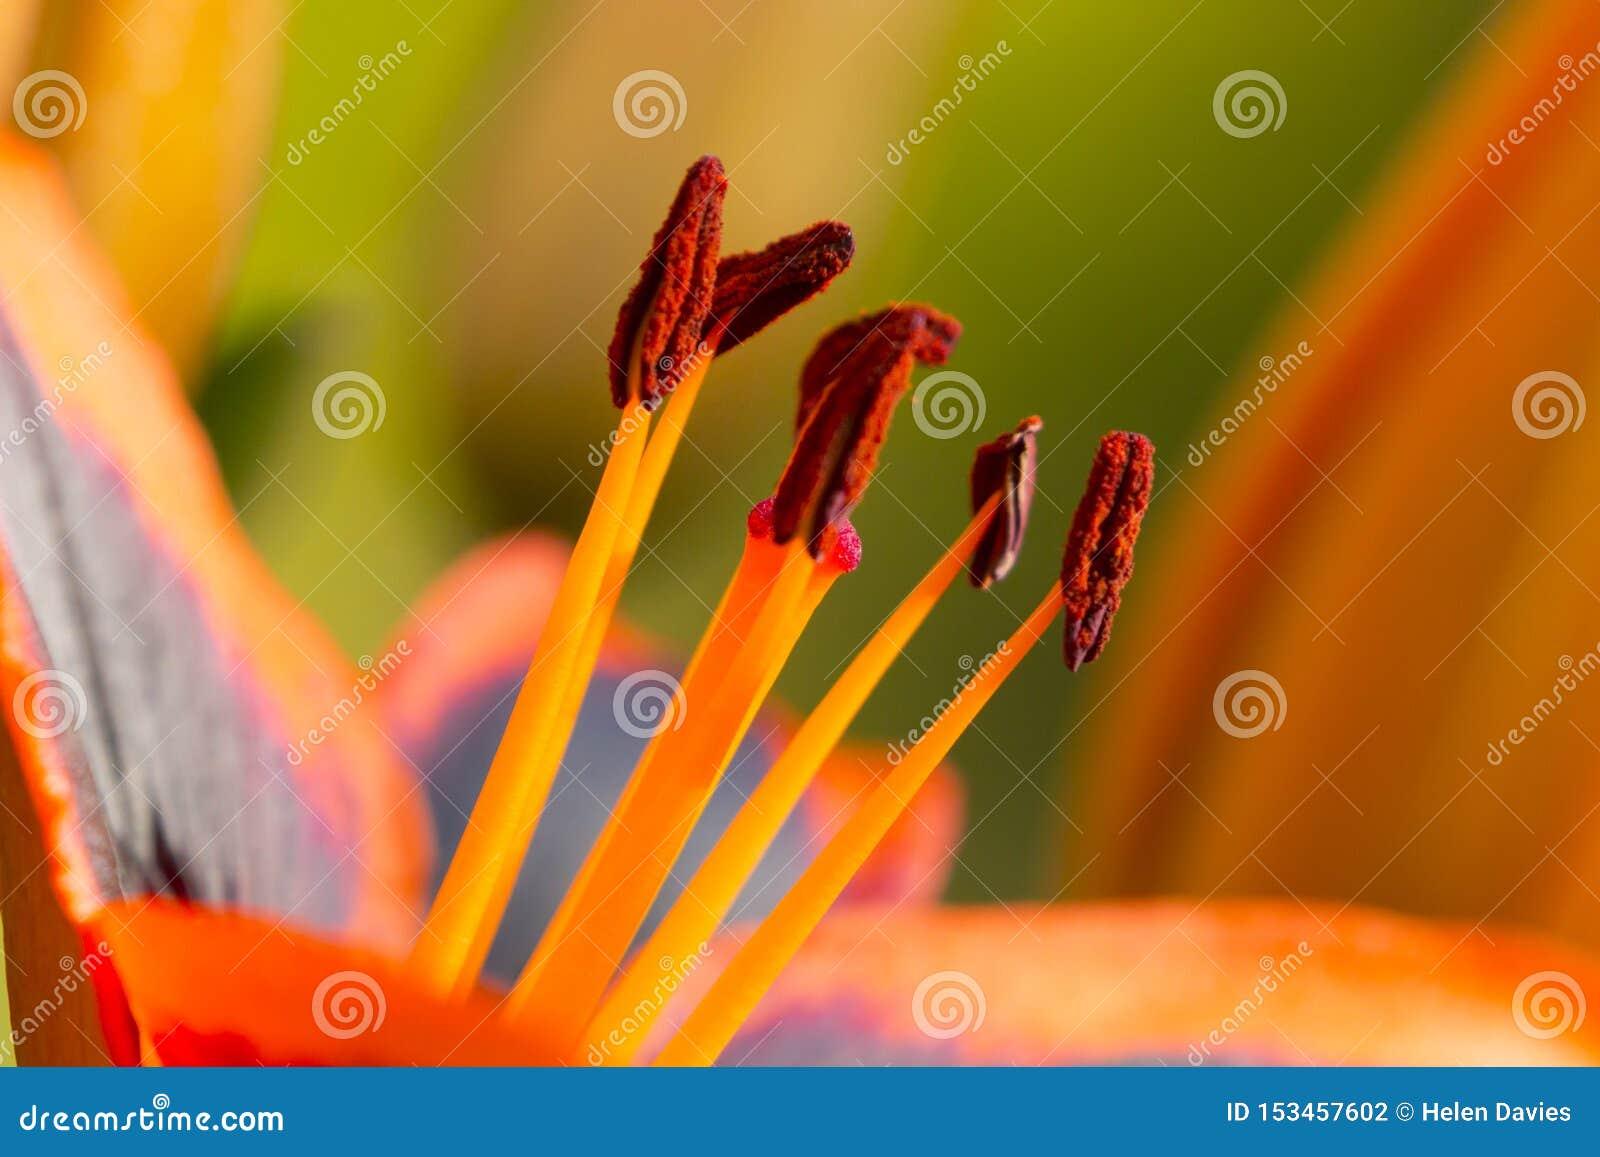 Близкая поднимающая вверх деталь оранжевой и черной лилии